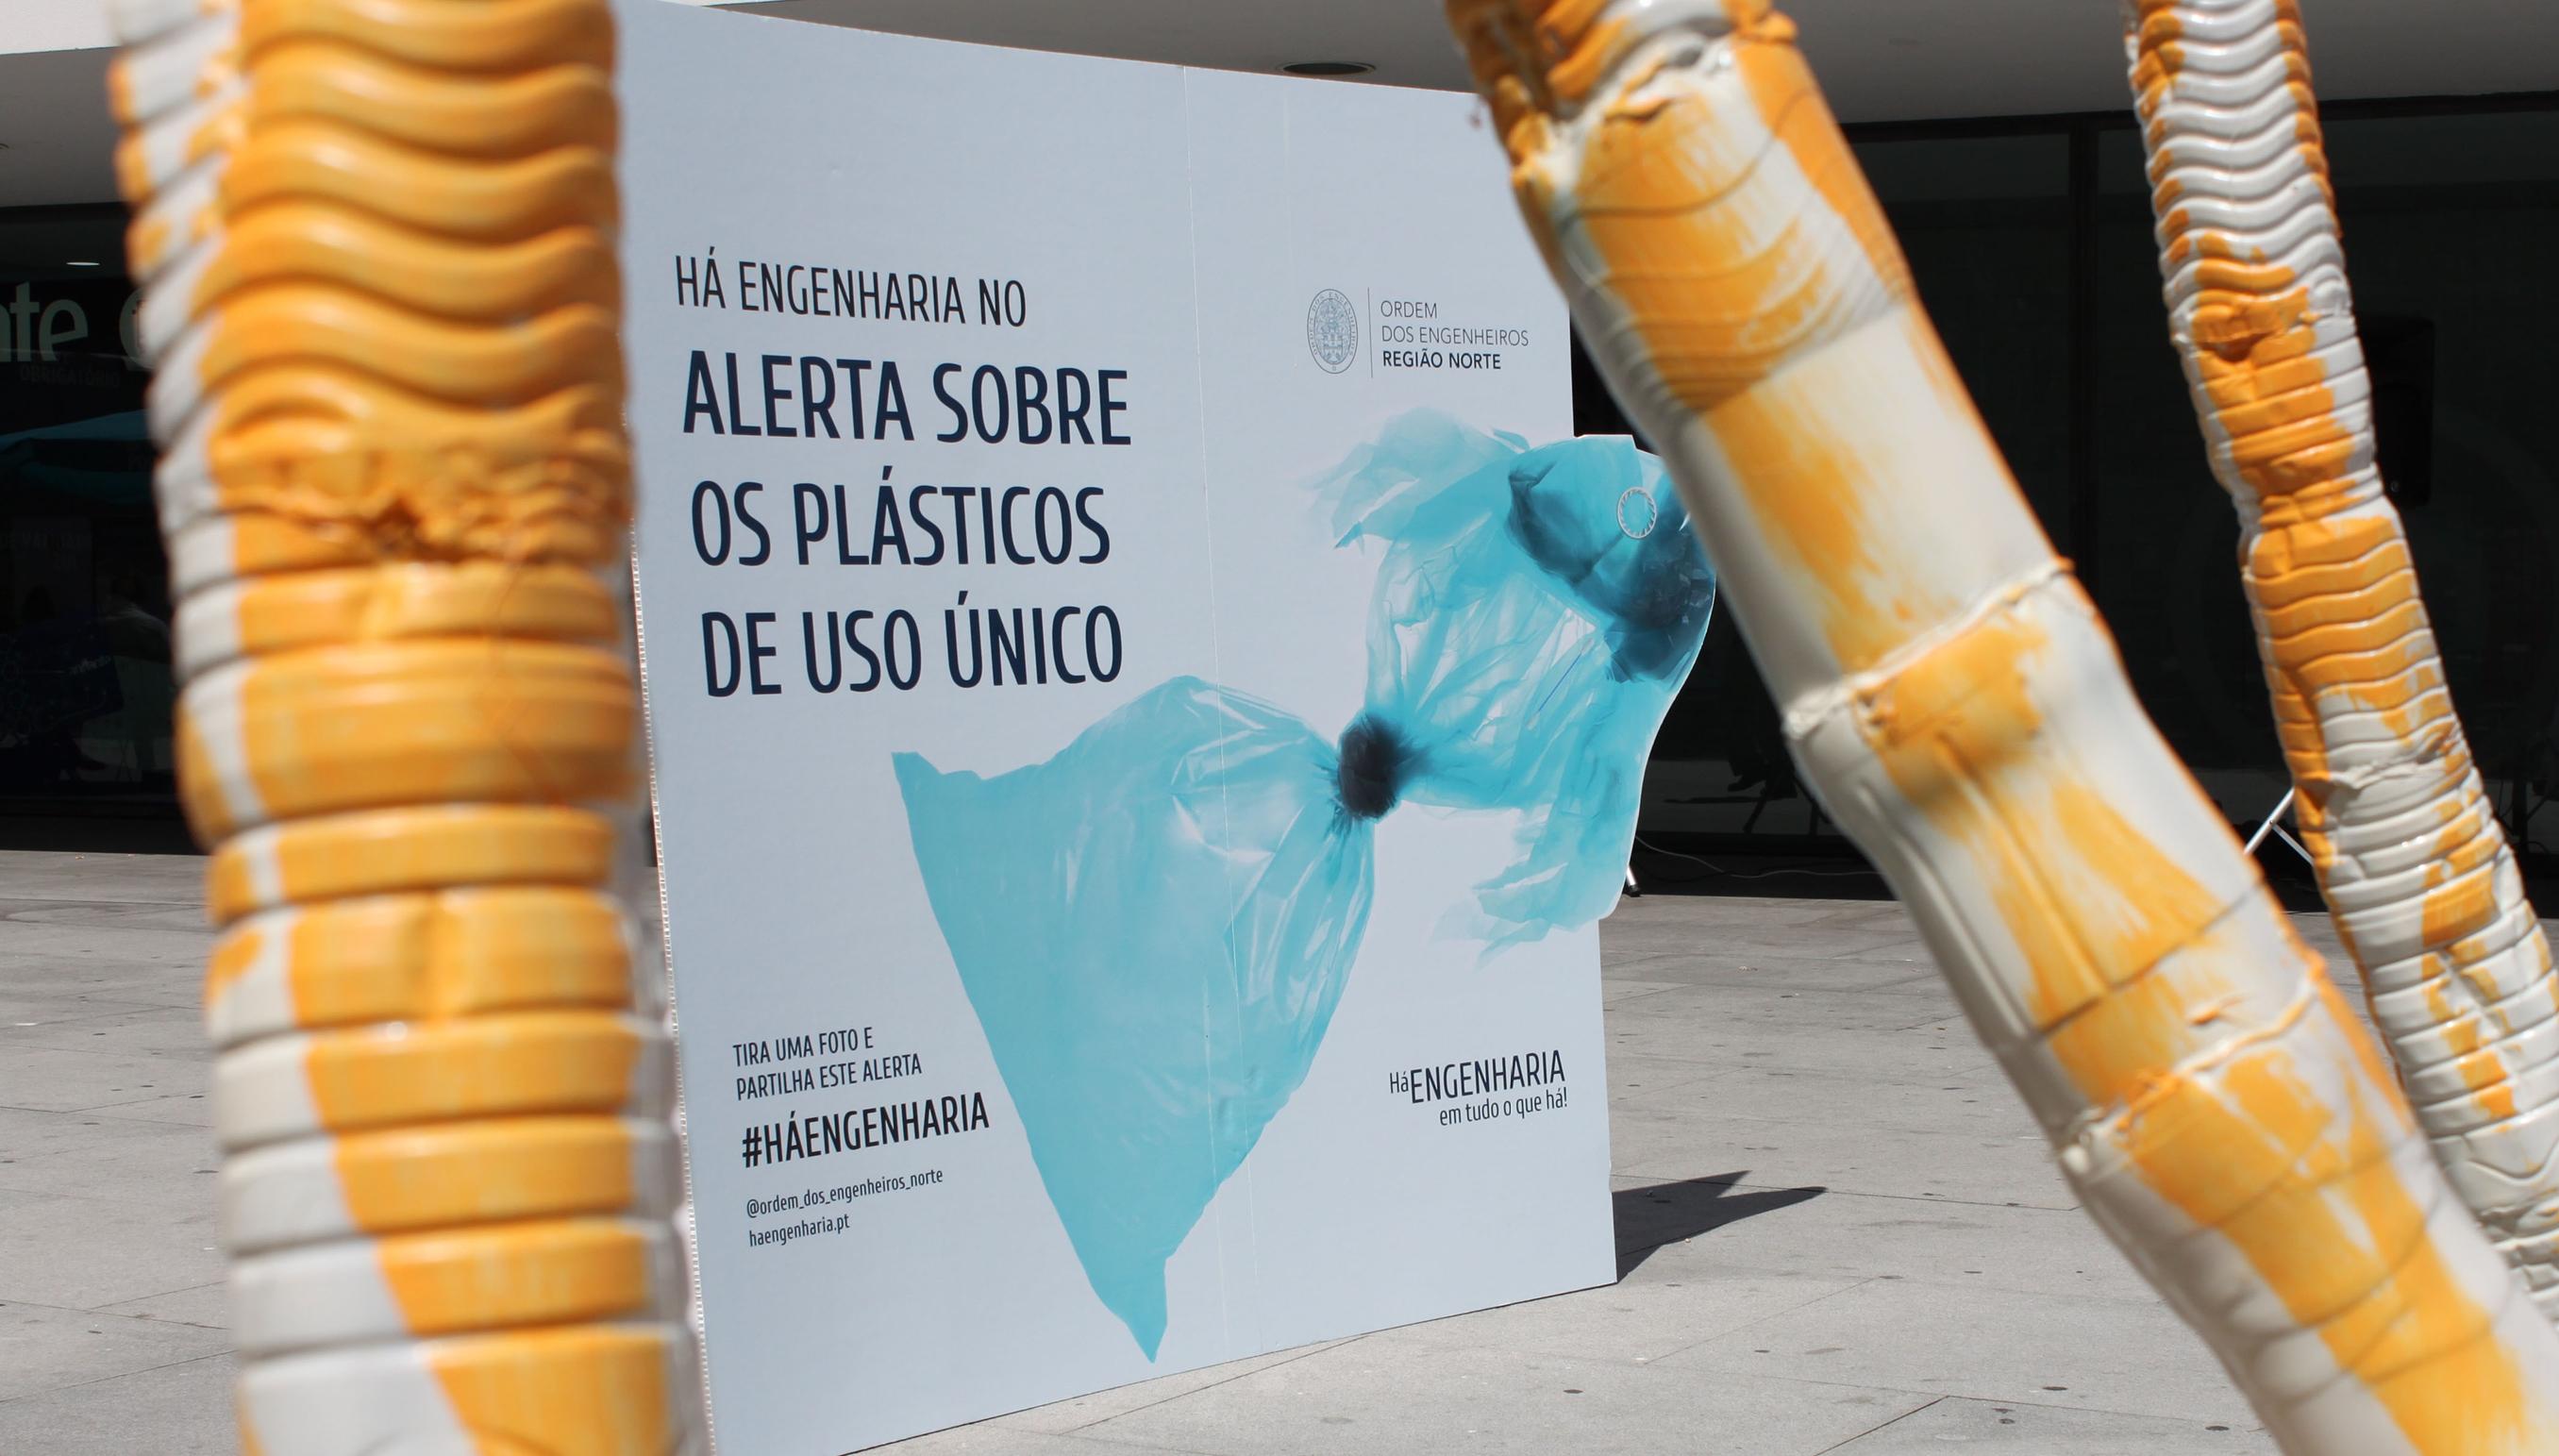 """Plataforma Notícias Ordem Engenheiros Região Norte - [Clipping] Confira as notícias sobre o evento """"Beyond single-use plastics"""""""